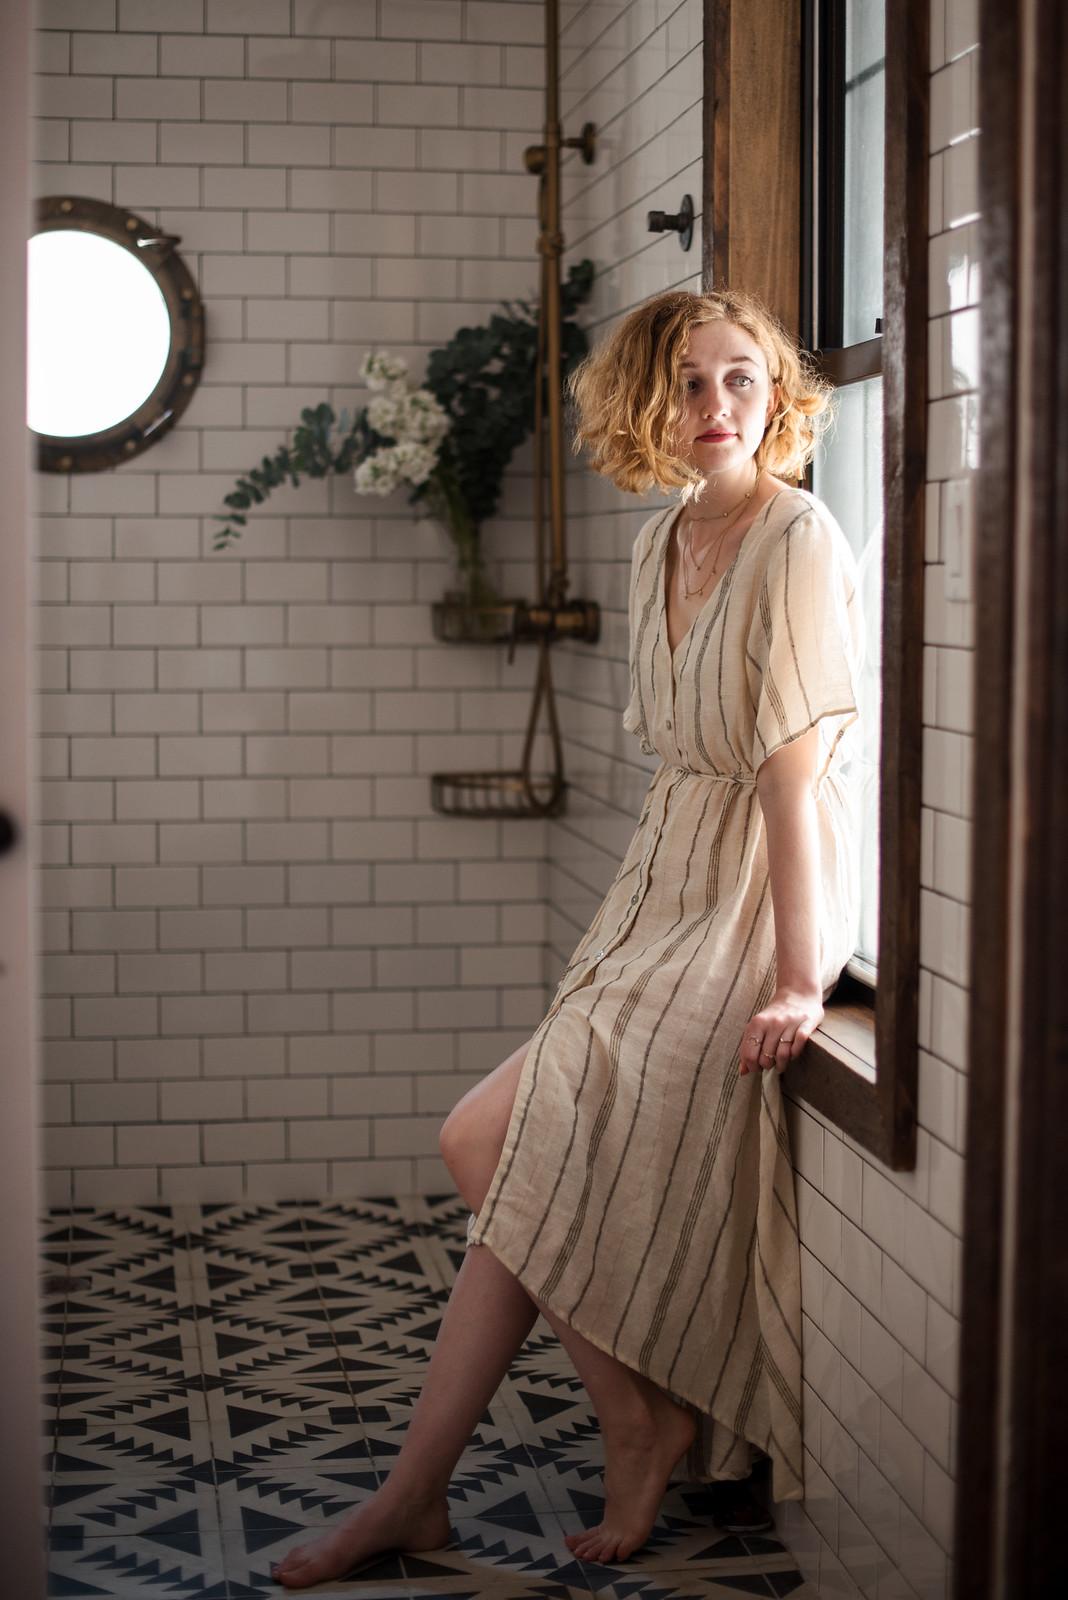 Striped Dress from Saltwater Luxe on juliettelaura.blogspot.com